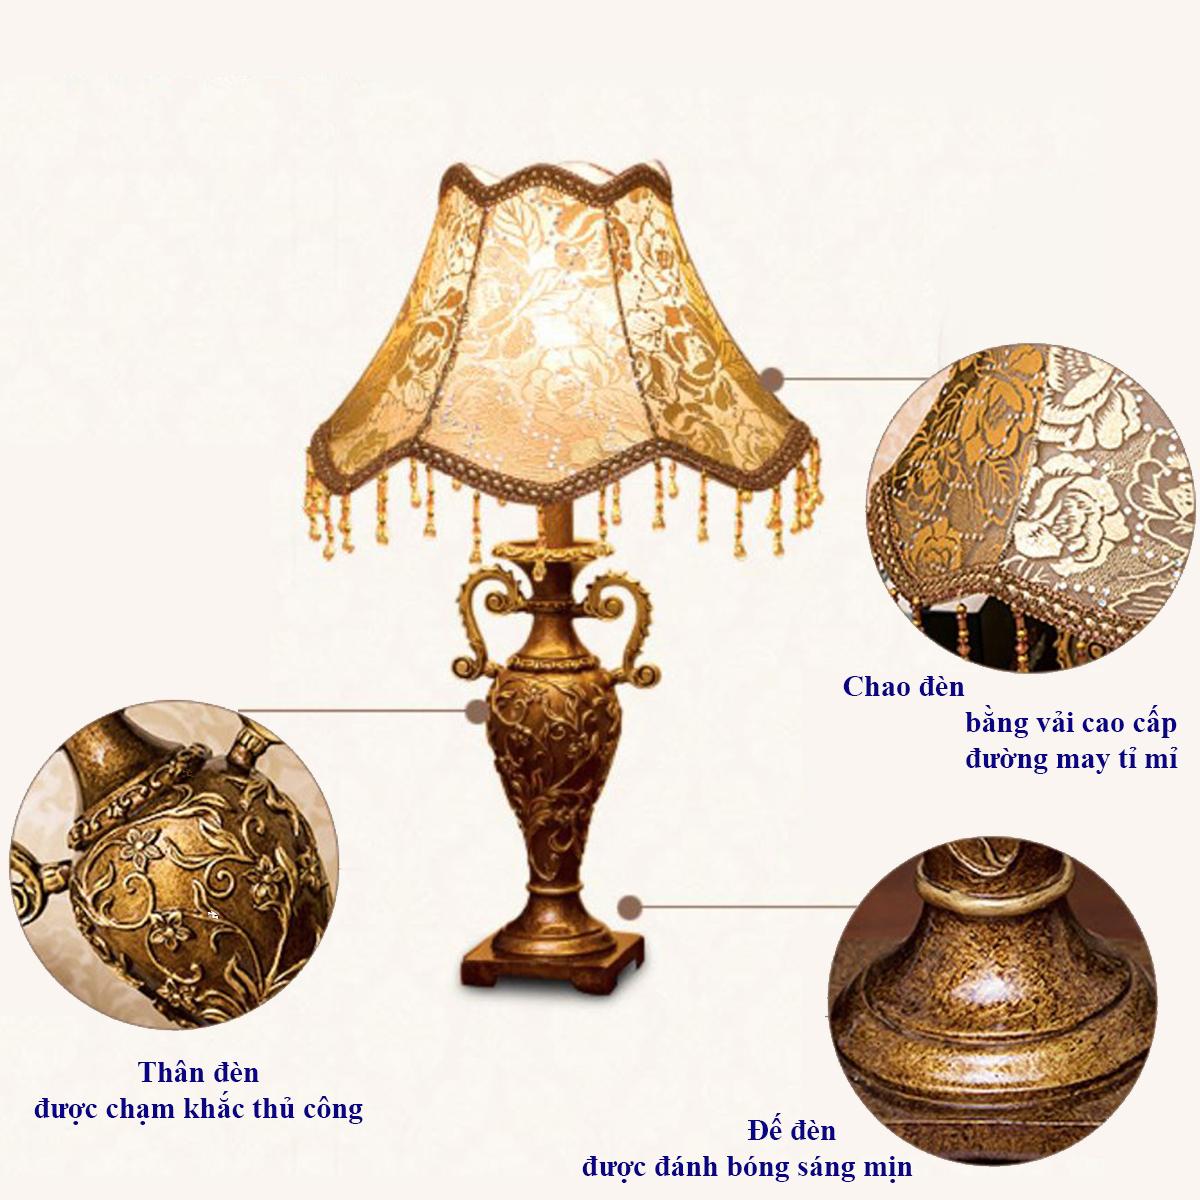 Đèn Bàn Trang Trí Nội Thất Phong Cách Châu Âu Cổ Điển DN-430 , Đèn Ngủ Để Bàn Chạm Khắc Tinh Xảo.